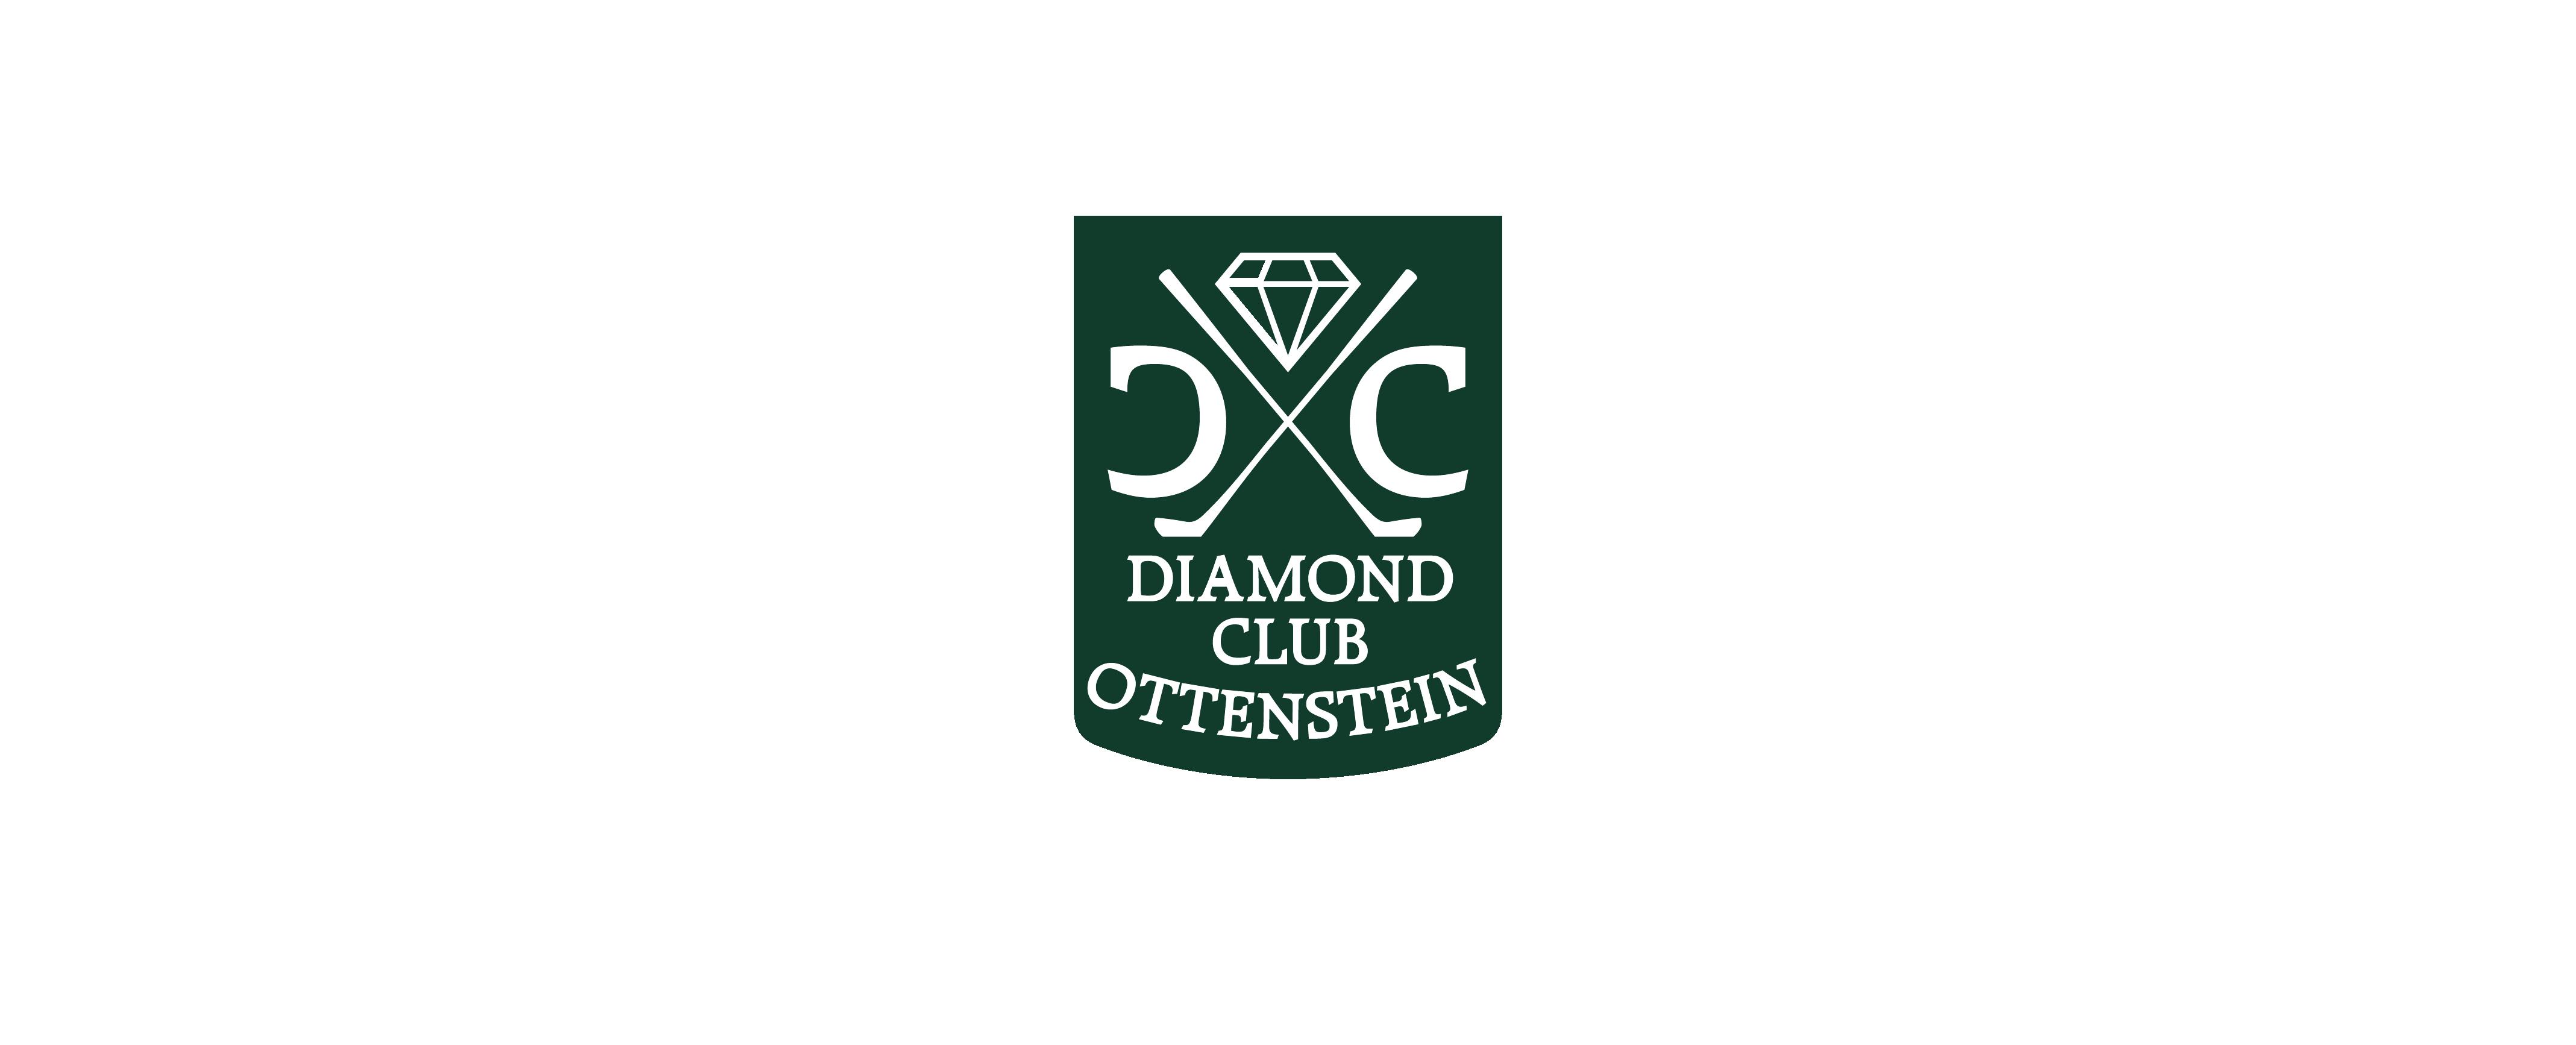 Diamond Club Ottenstein